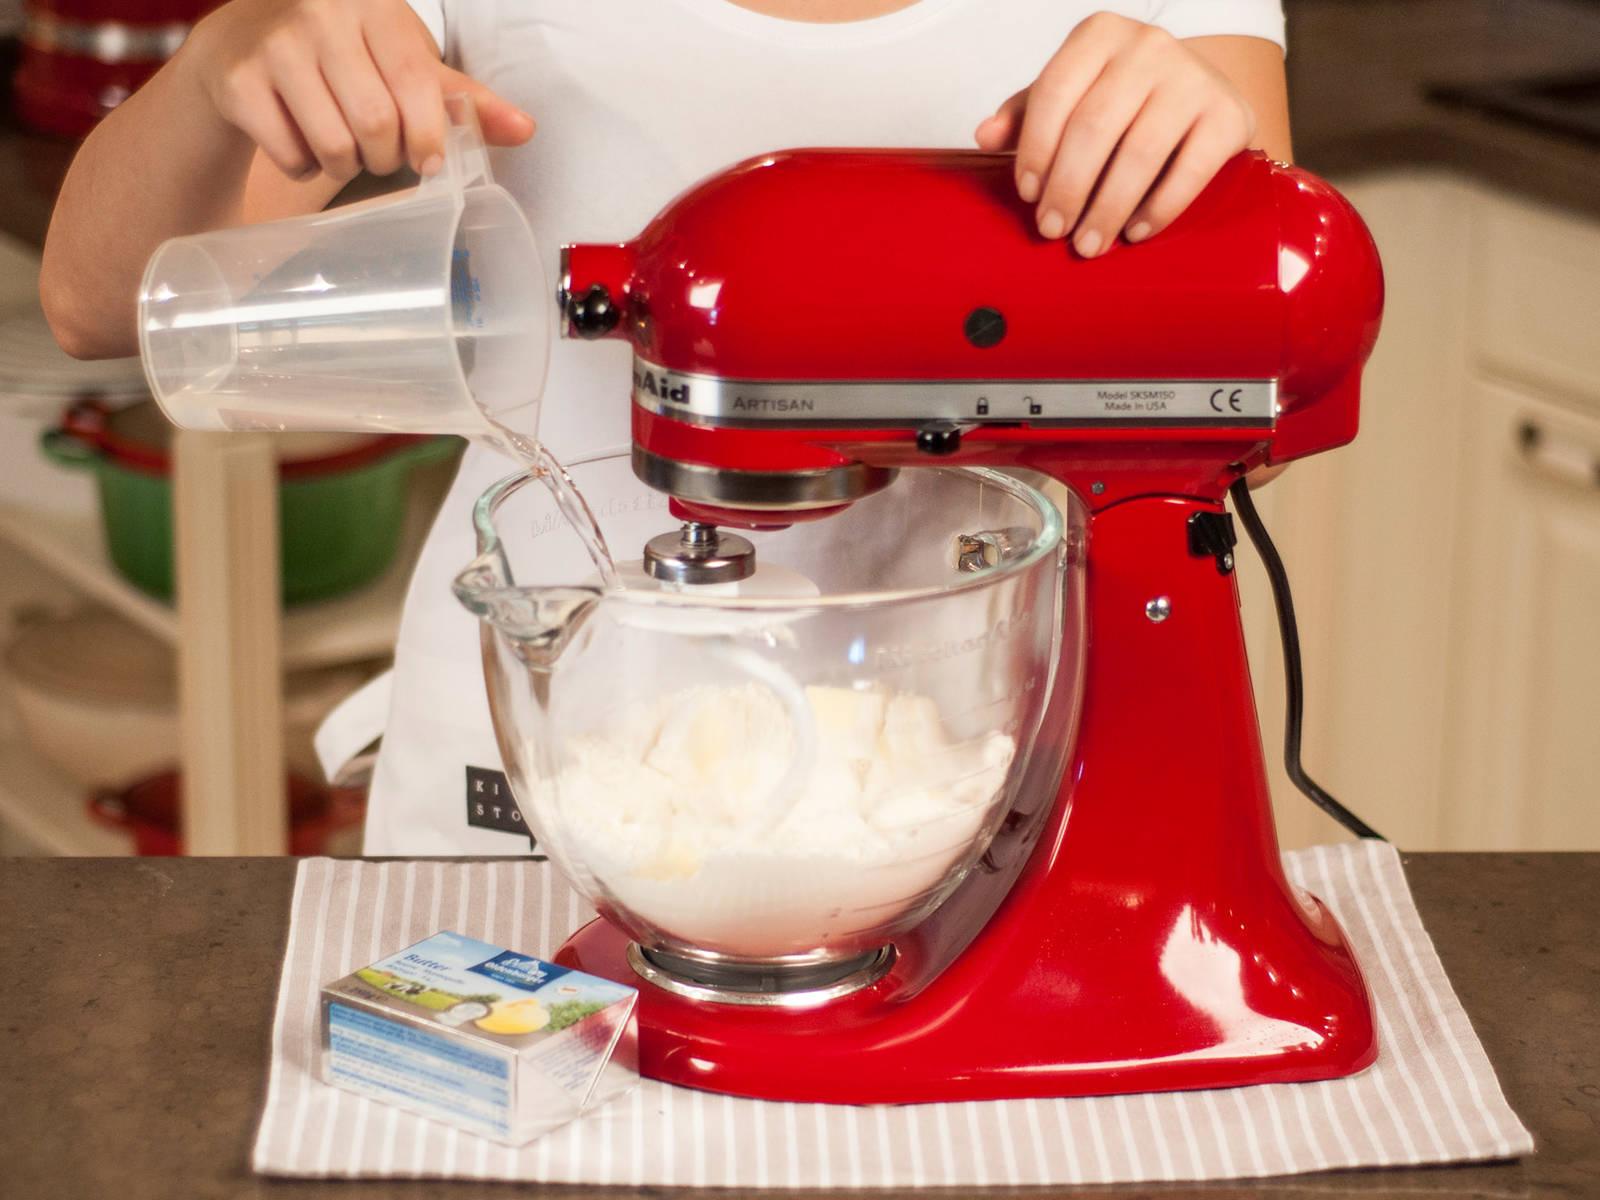 制作派底:使用立式搅拌机或带和面钩的手持搅拌机将面粉、冷黄油和部分盐搅拌均匀,注入冷水搅打,然后用手将面团揉至光滑。